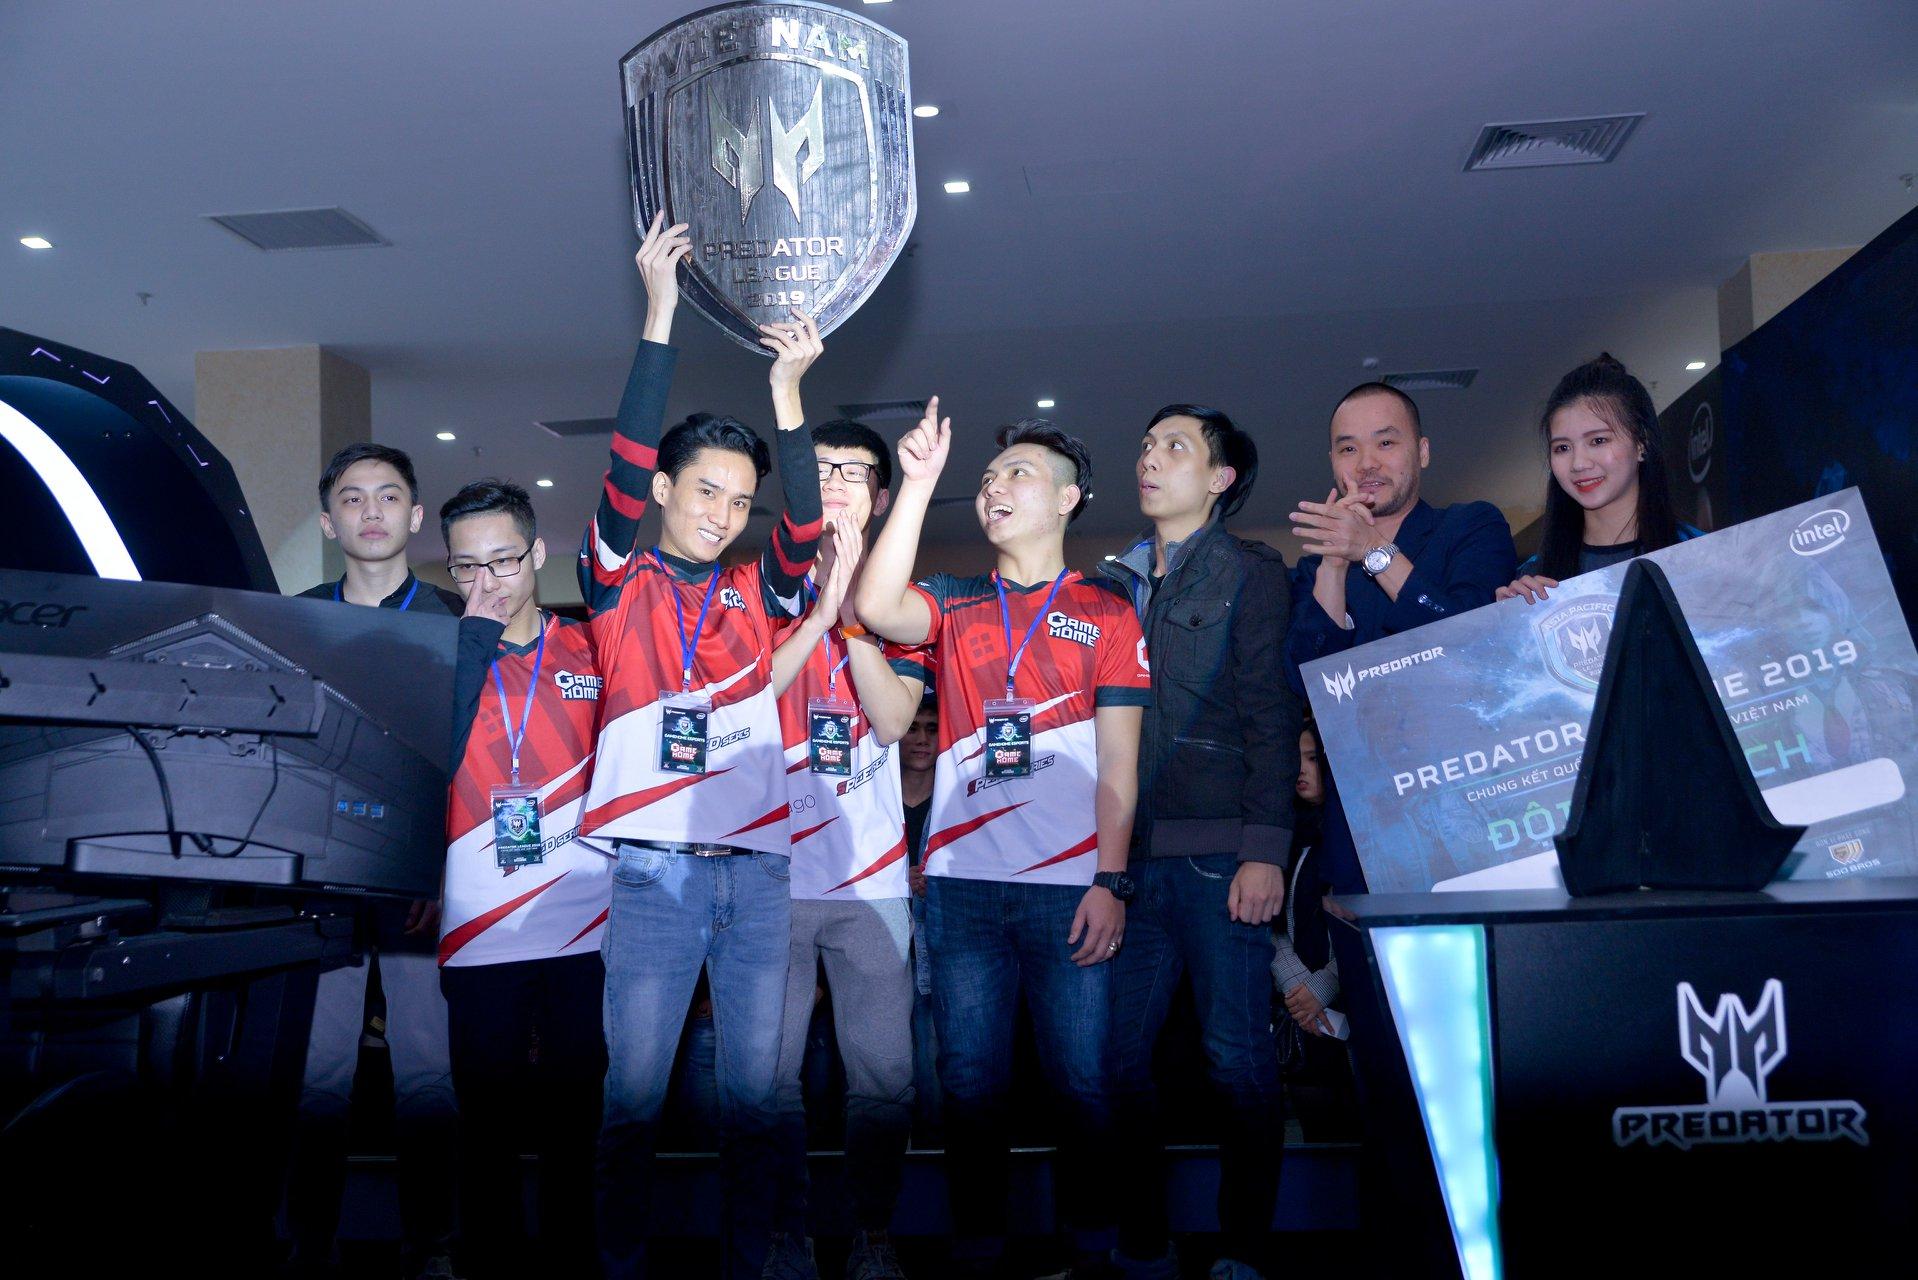 GameHome - nhà vô địch giải đấu Predator League 2019 vòng loại Việt Nam